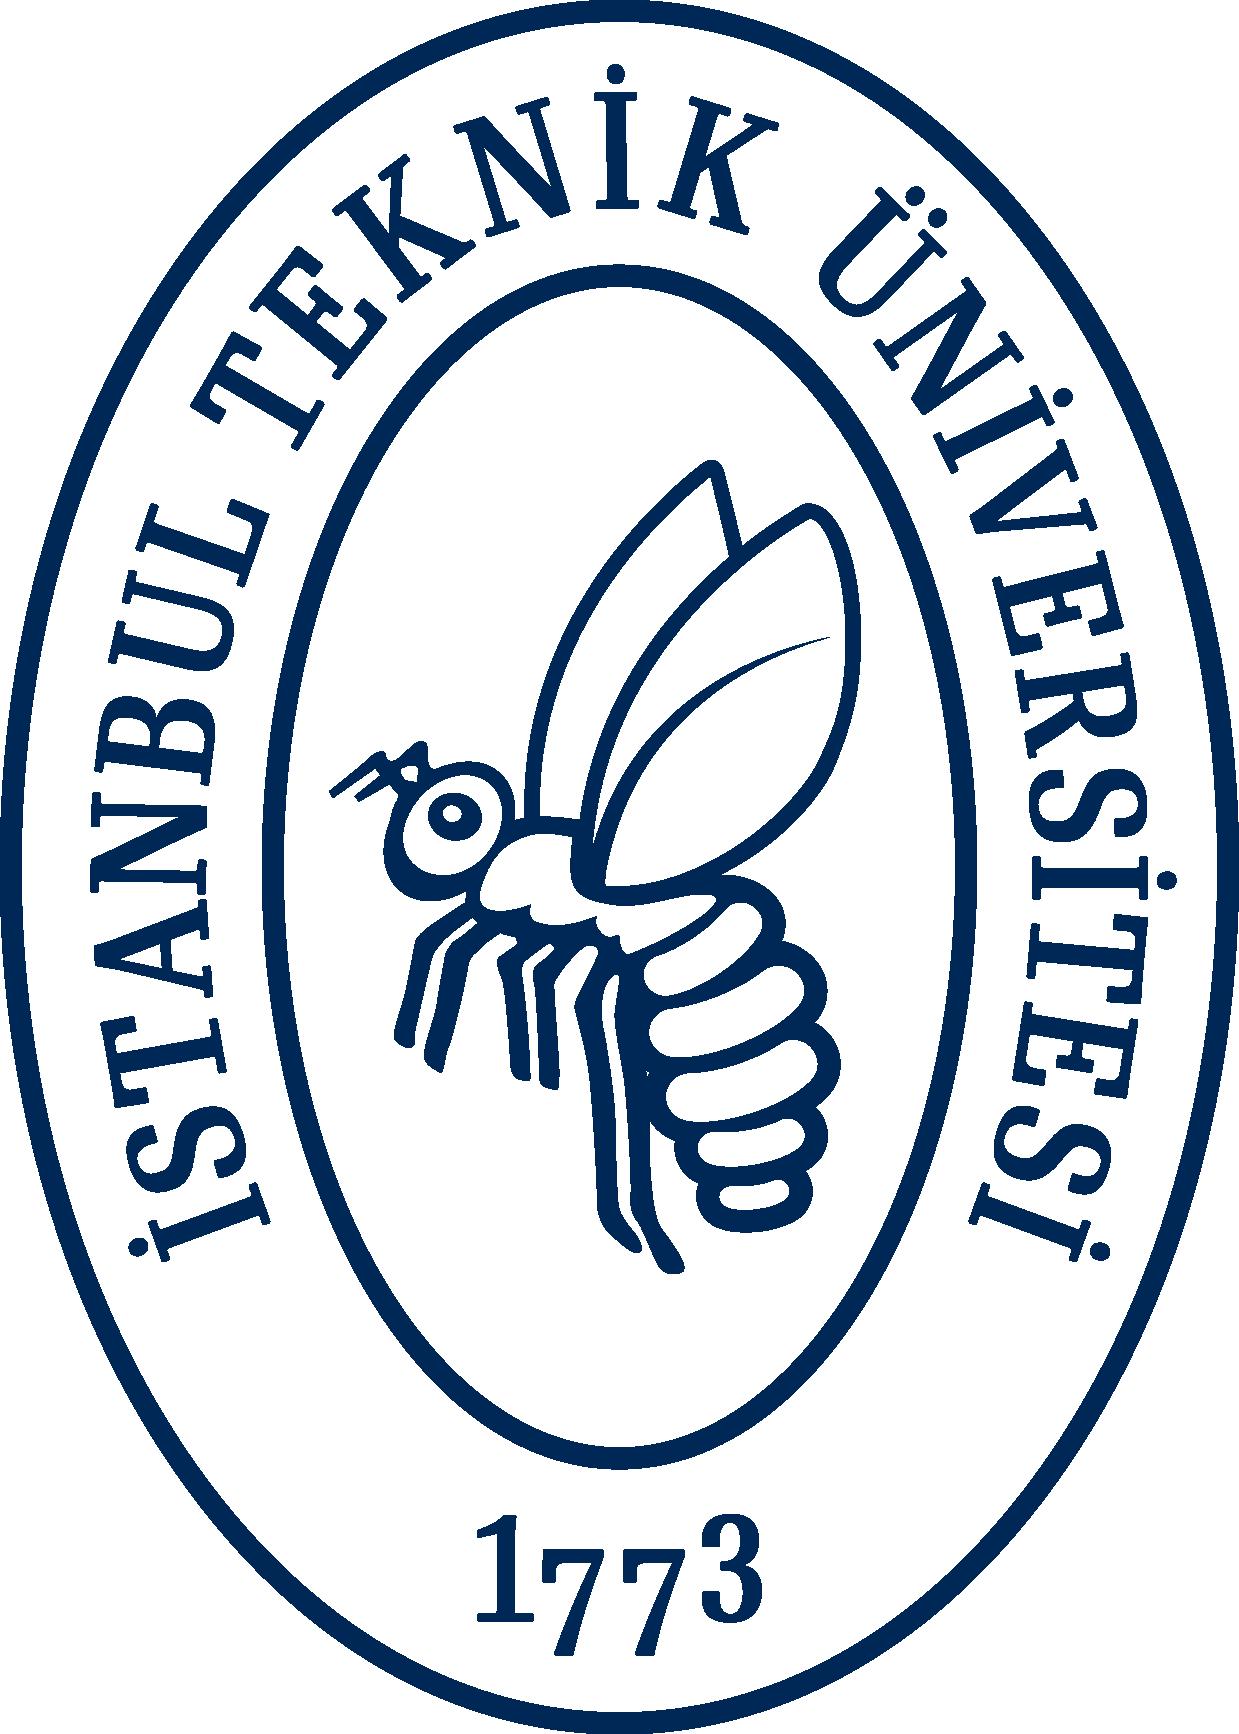 İTÜ İstanbul Teknik Üniversitesi Vektörel Logosu [itu